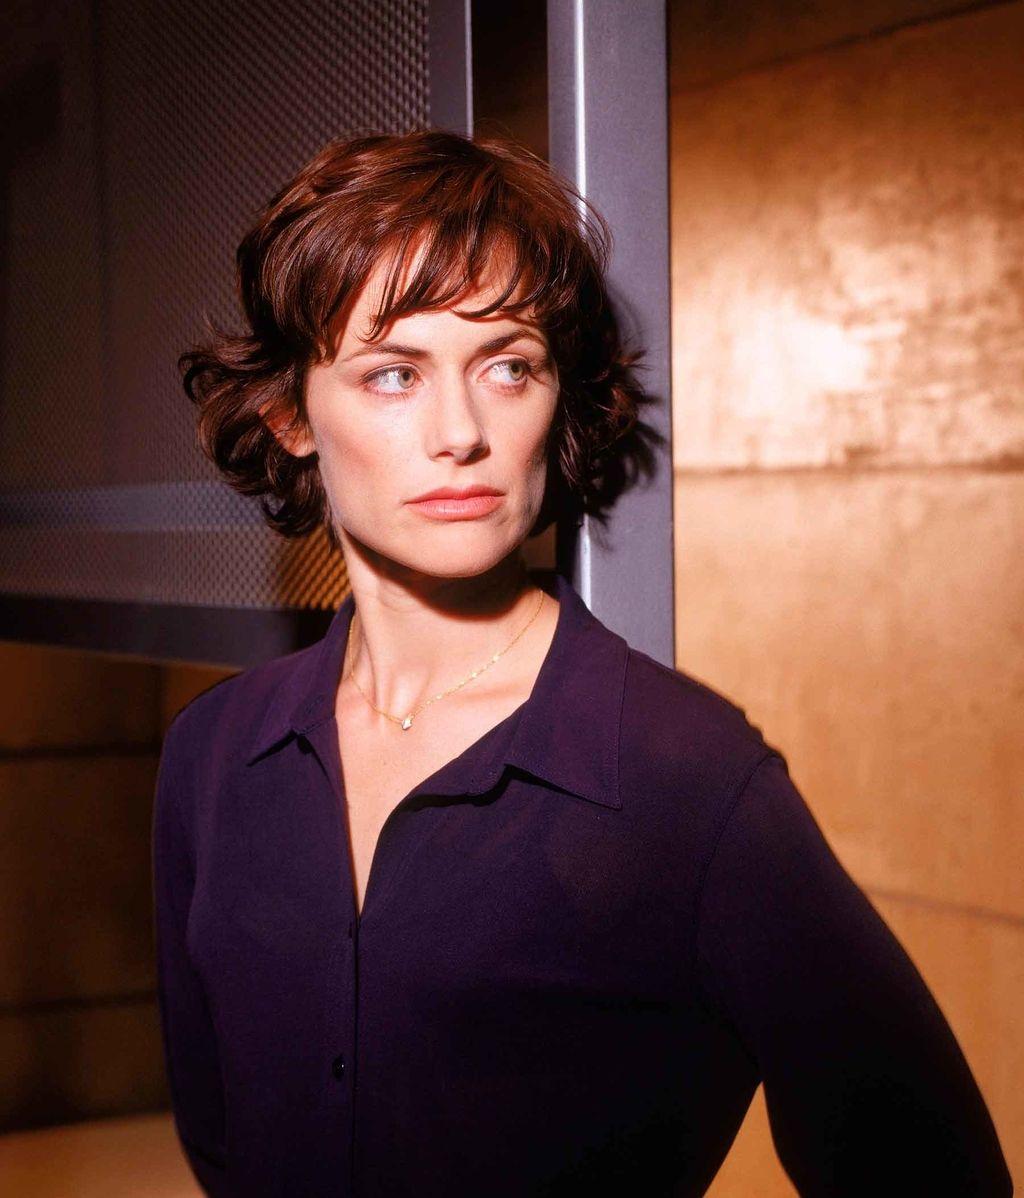 Sarah Clarke vistió su propia ropa en la primera temporada de '24'